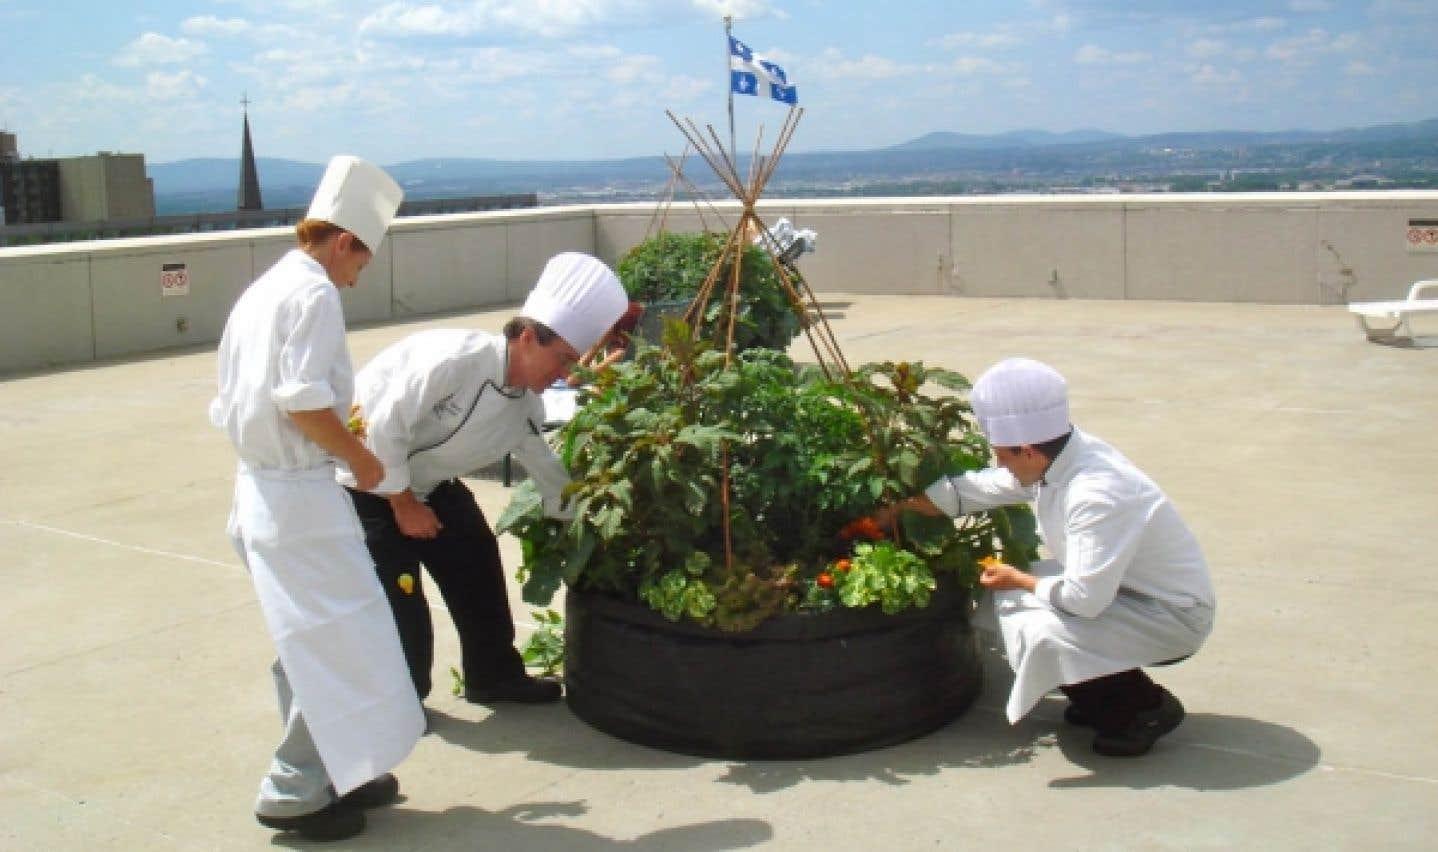 Sur le toit de l'hôtel Hilton, on récolte des fleurs, des fines herbes et des légumes pour les cuisines et les employés.